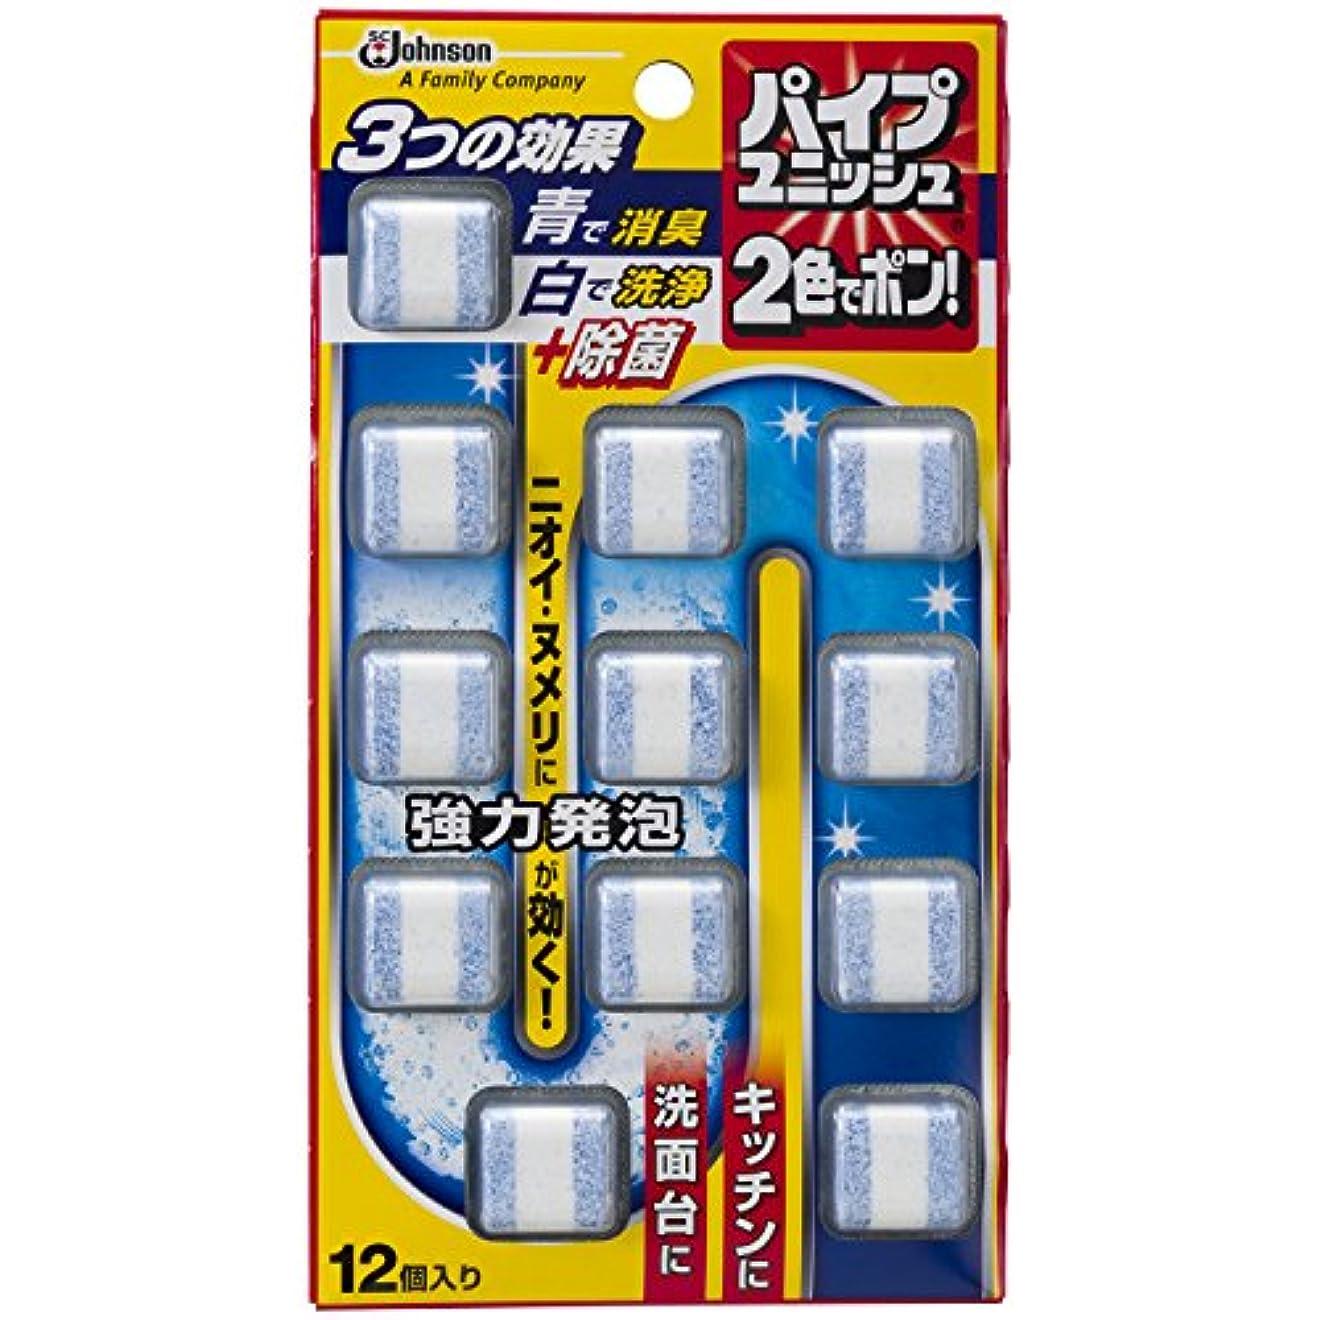 第後方スペアパイプユニッシュ 排水口?パイプクリーナー 2色でポン! 錠剤タイプ 12個入 5.5g×12個